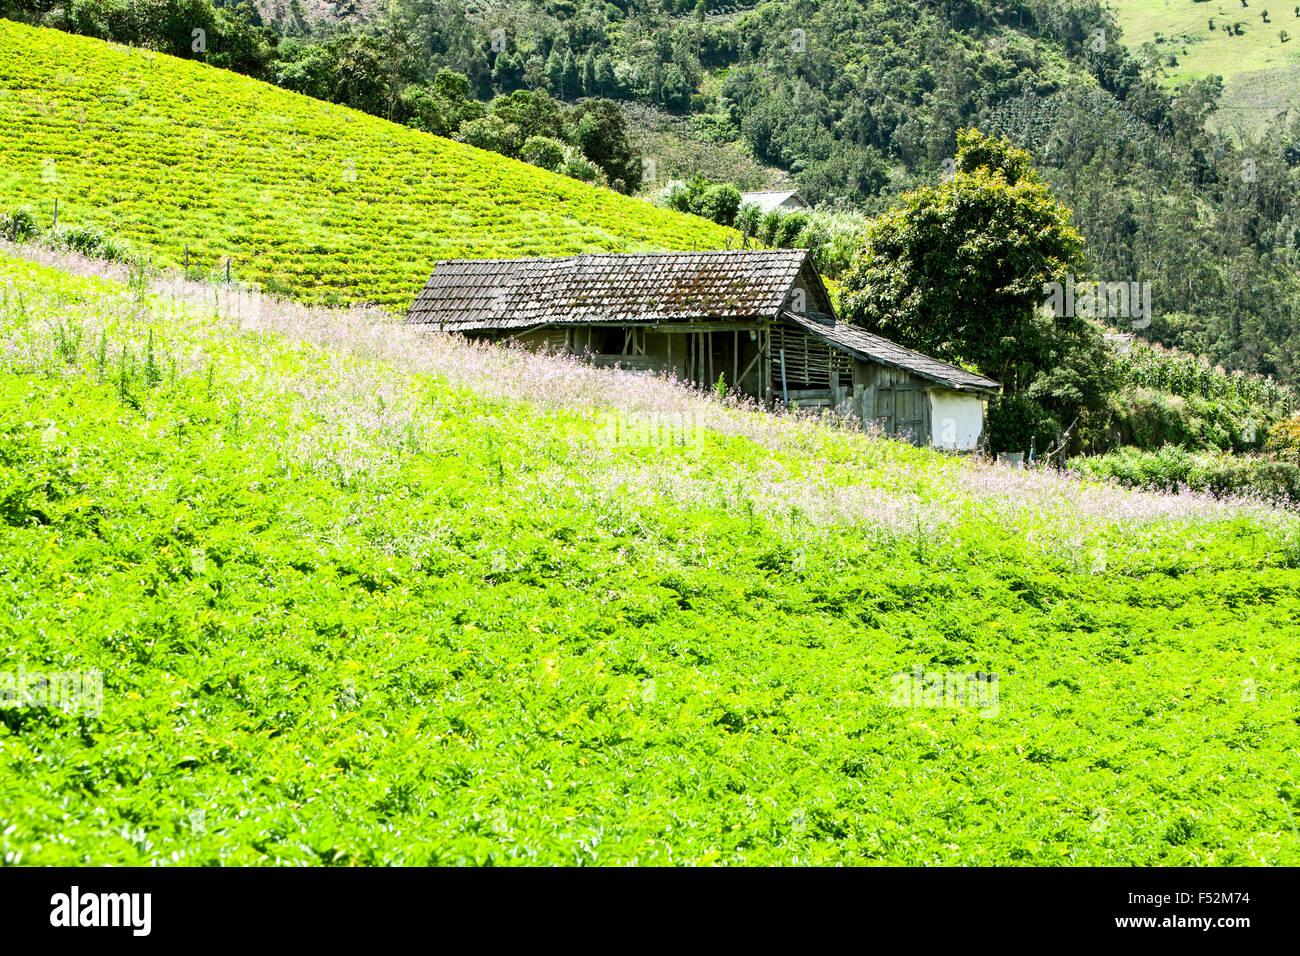 Green Lettuce Filed - Stock Image